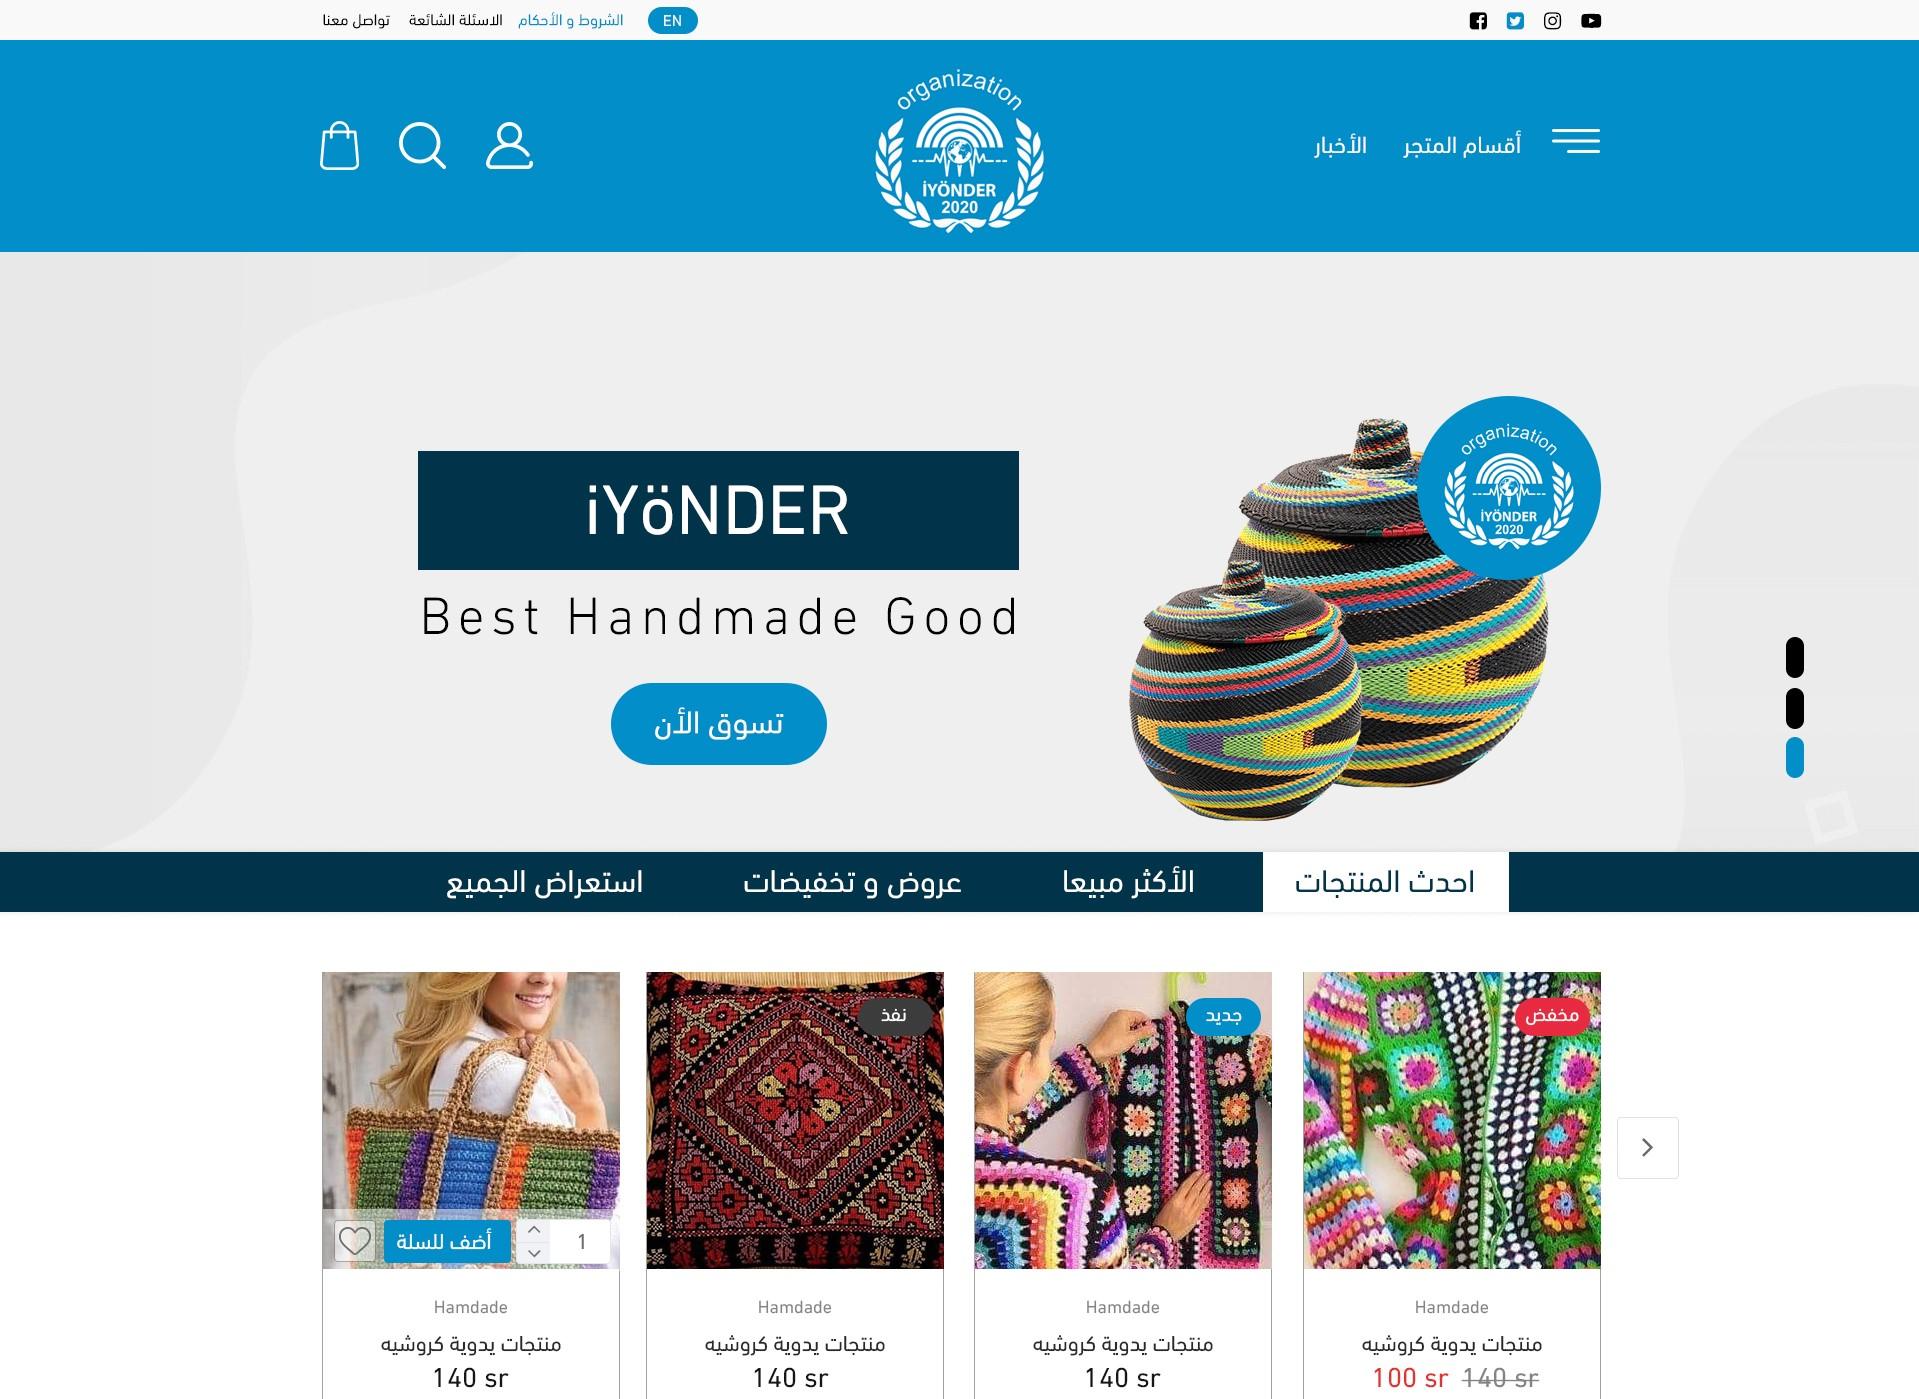 منظمة روًاد الخير - IYöNDER